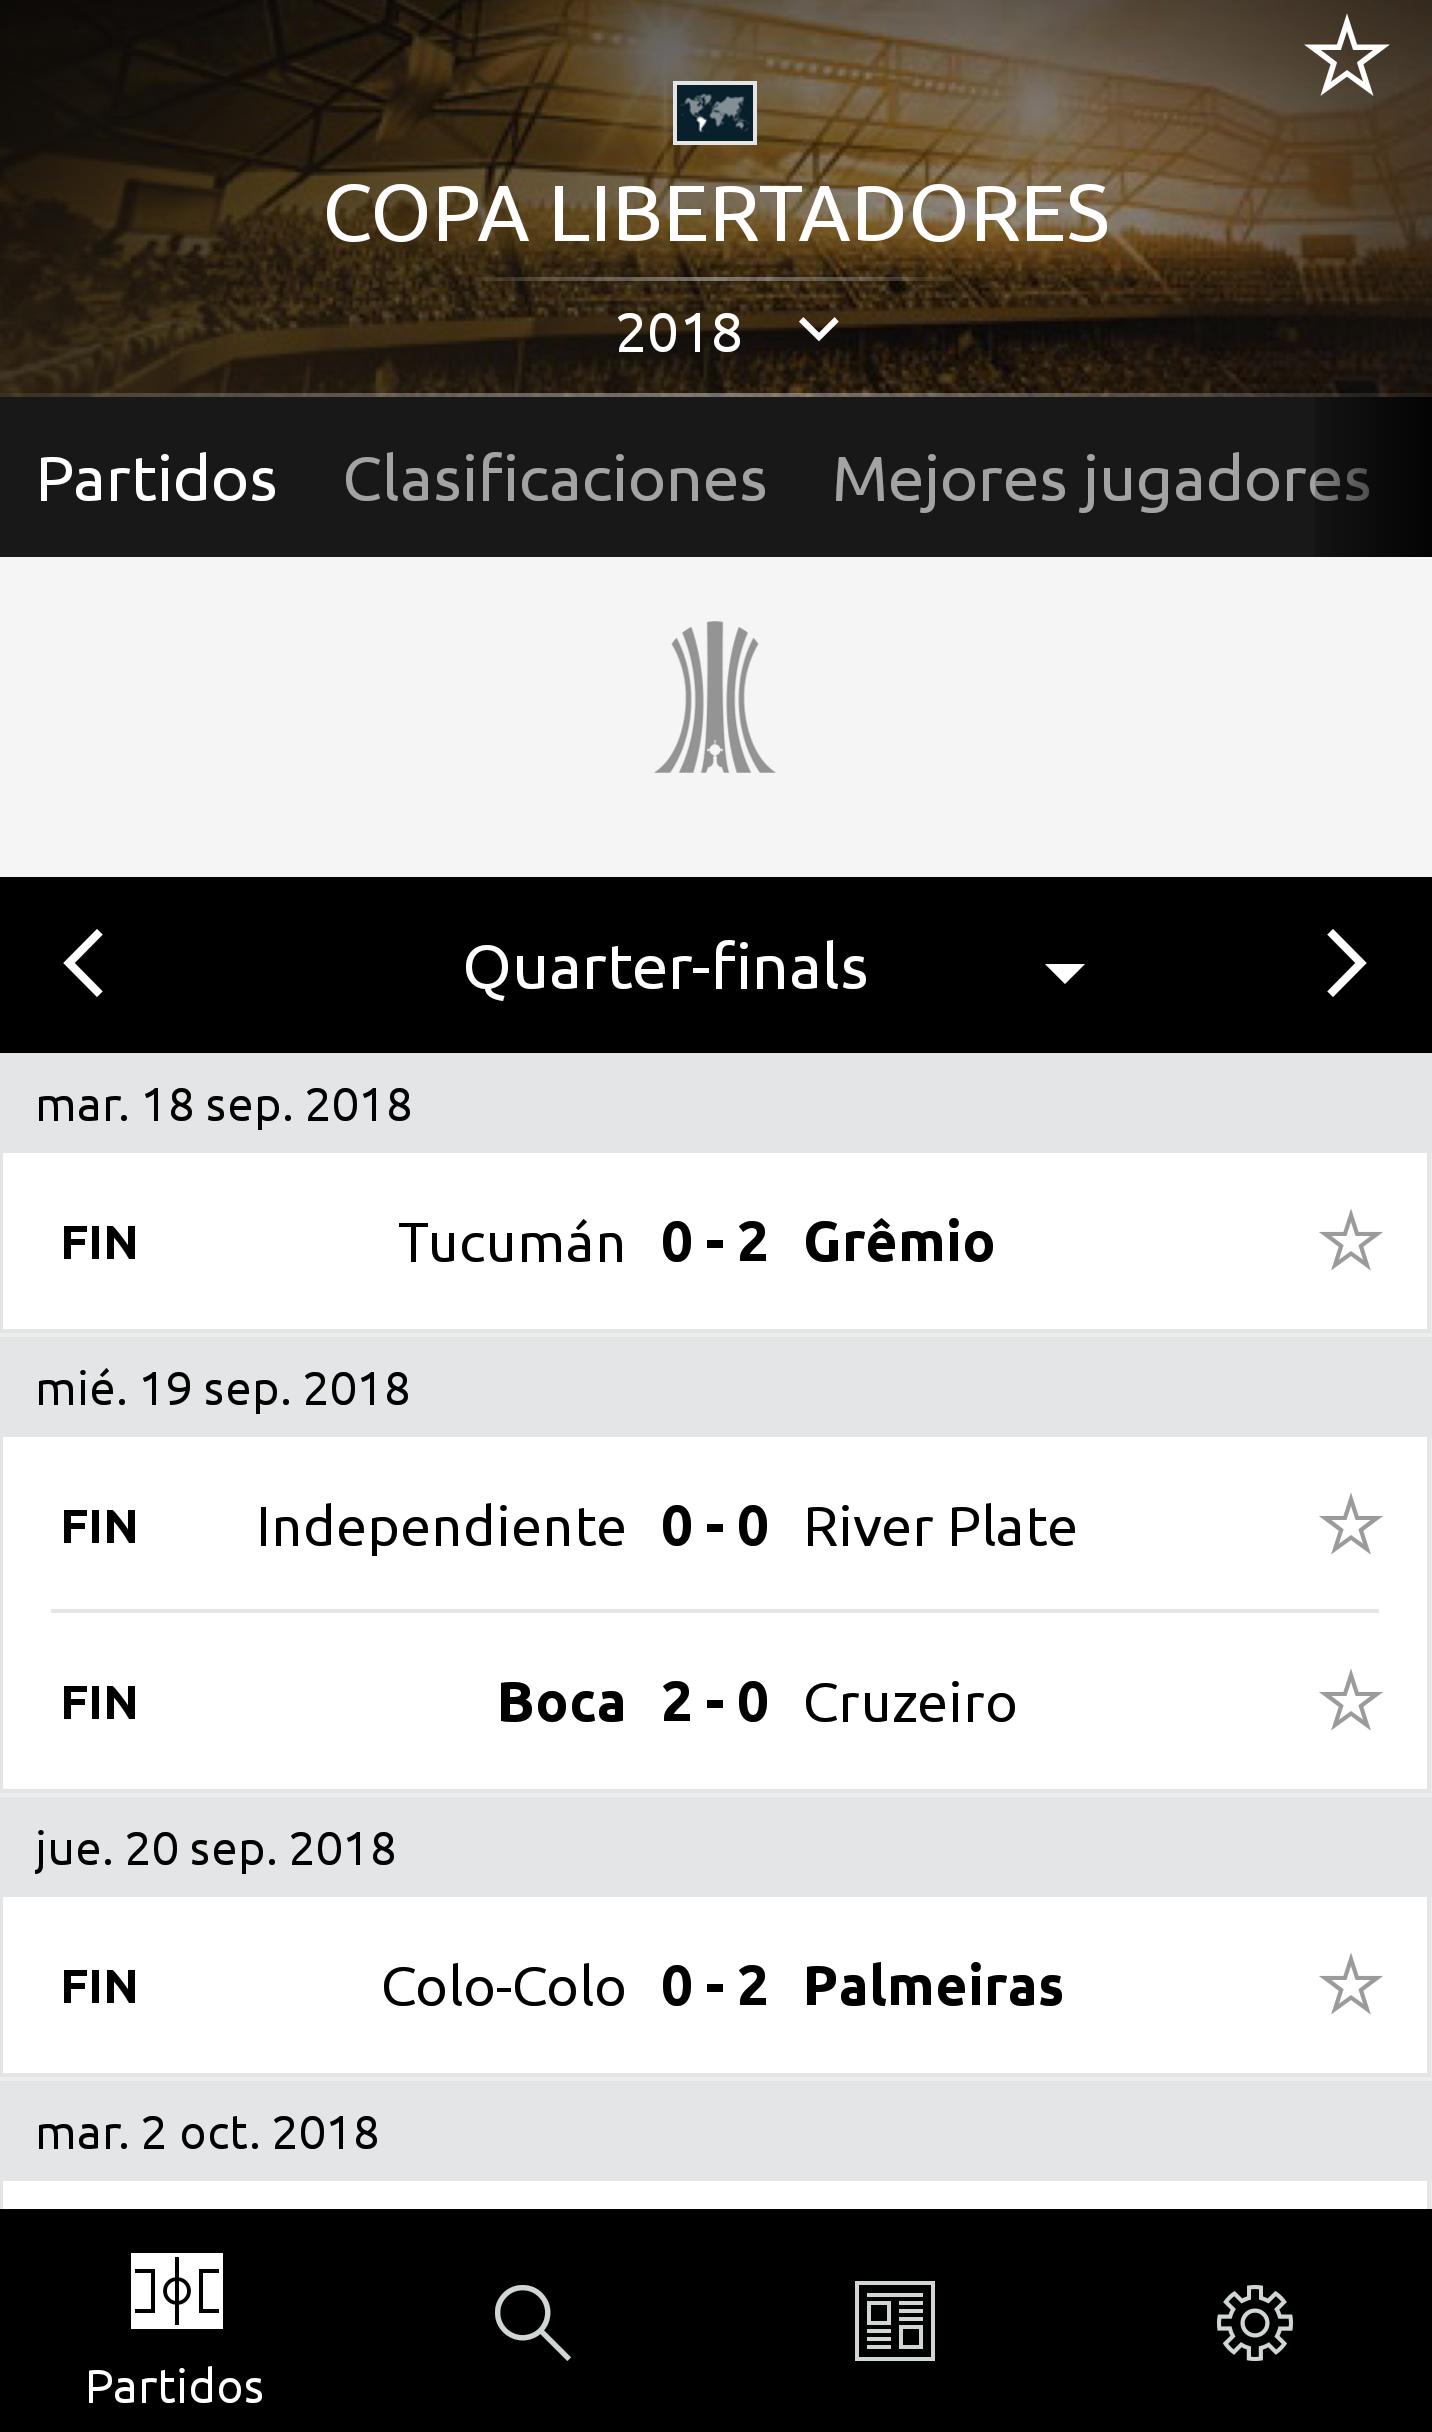 Partidos Screen app Libertadores